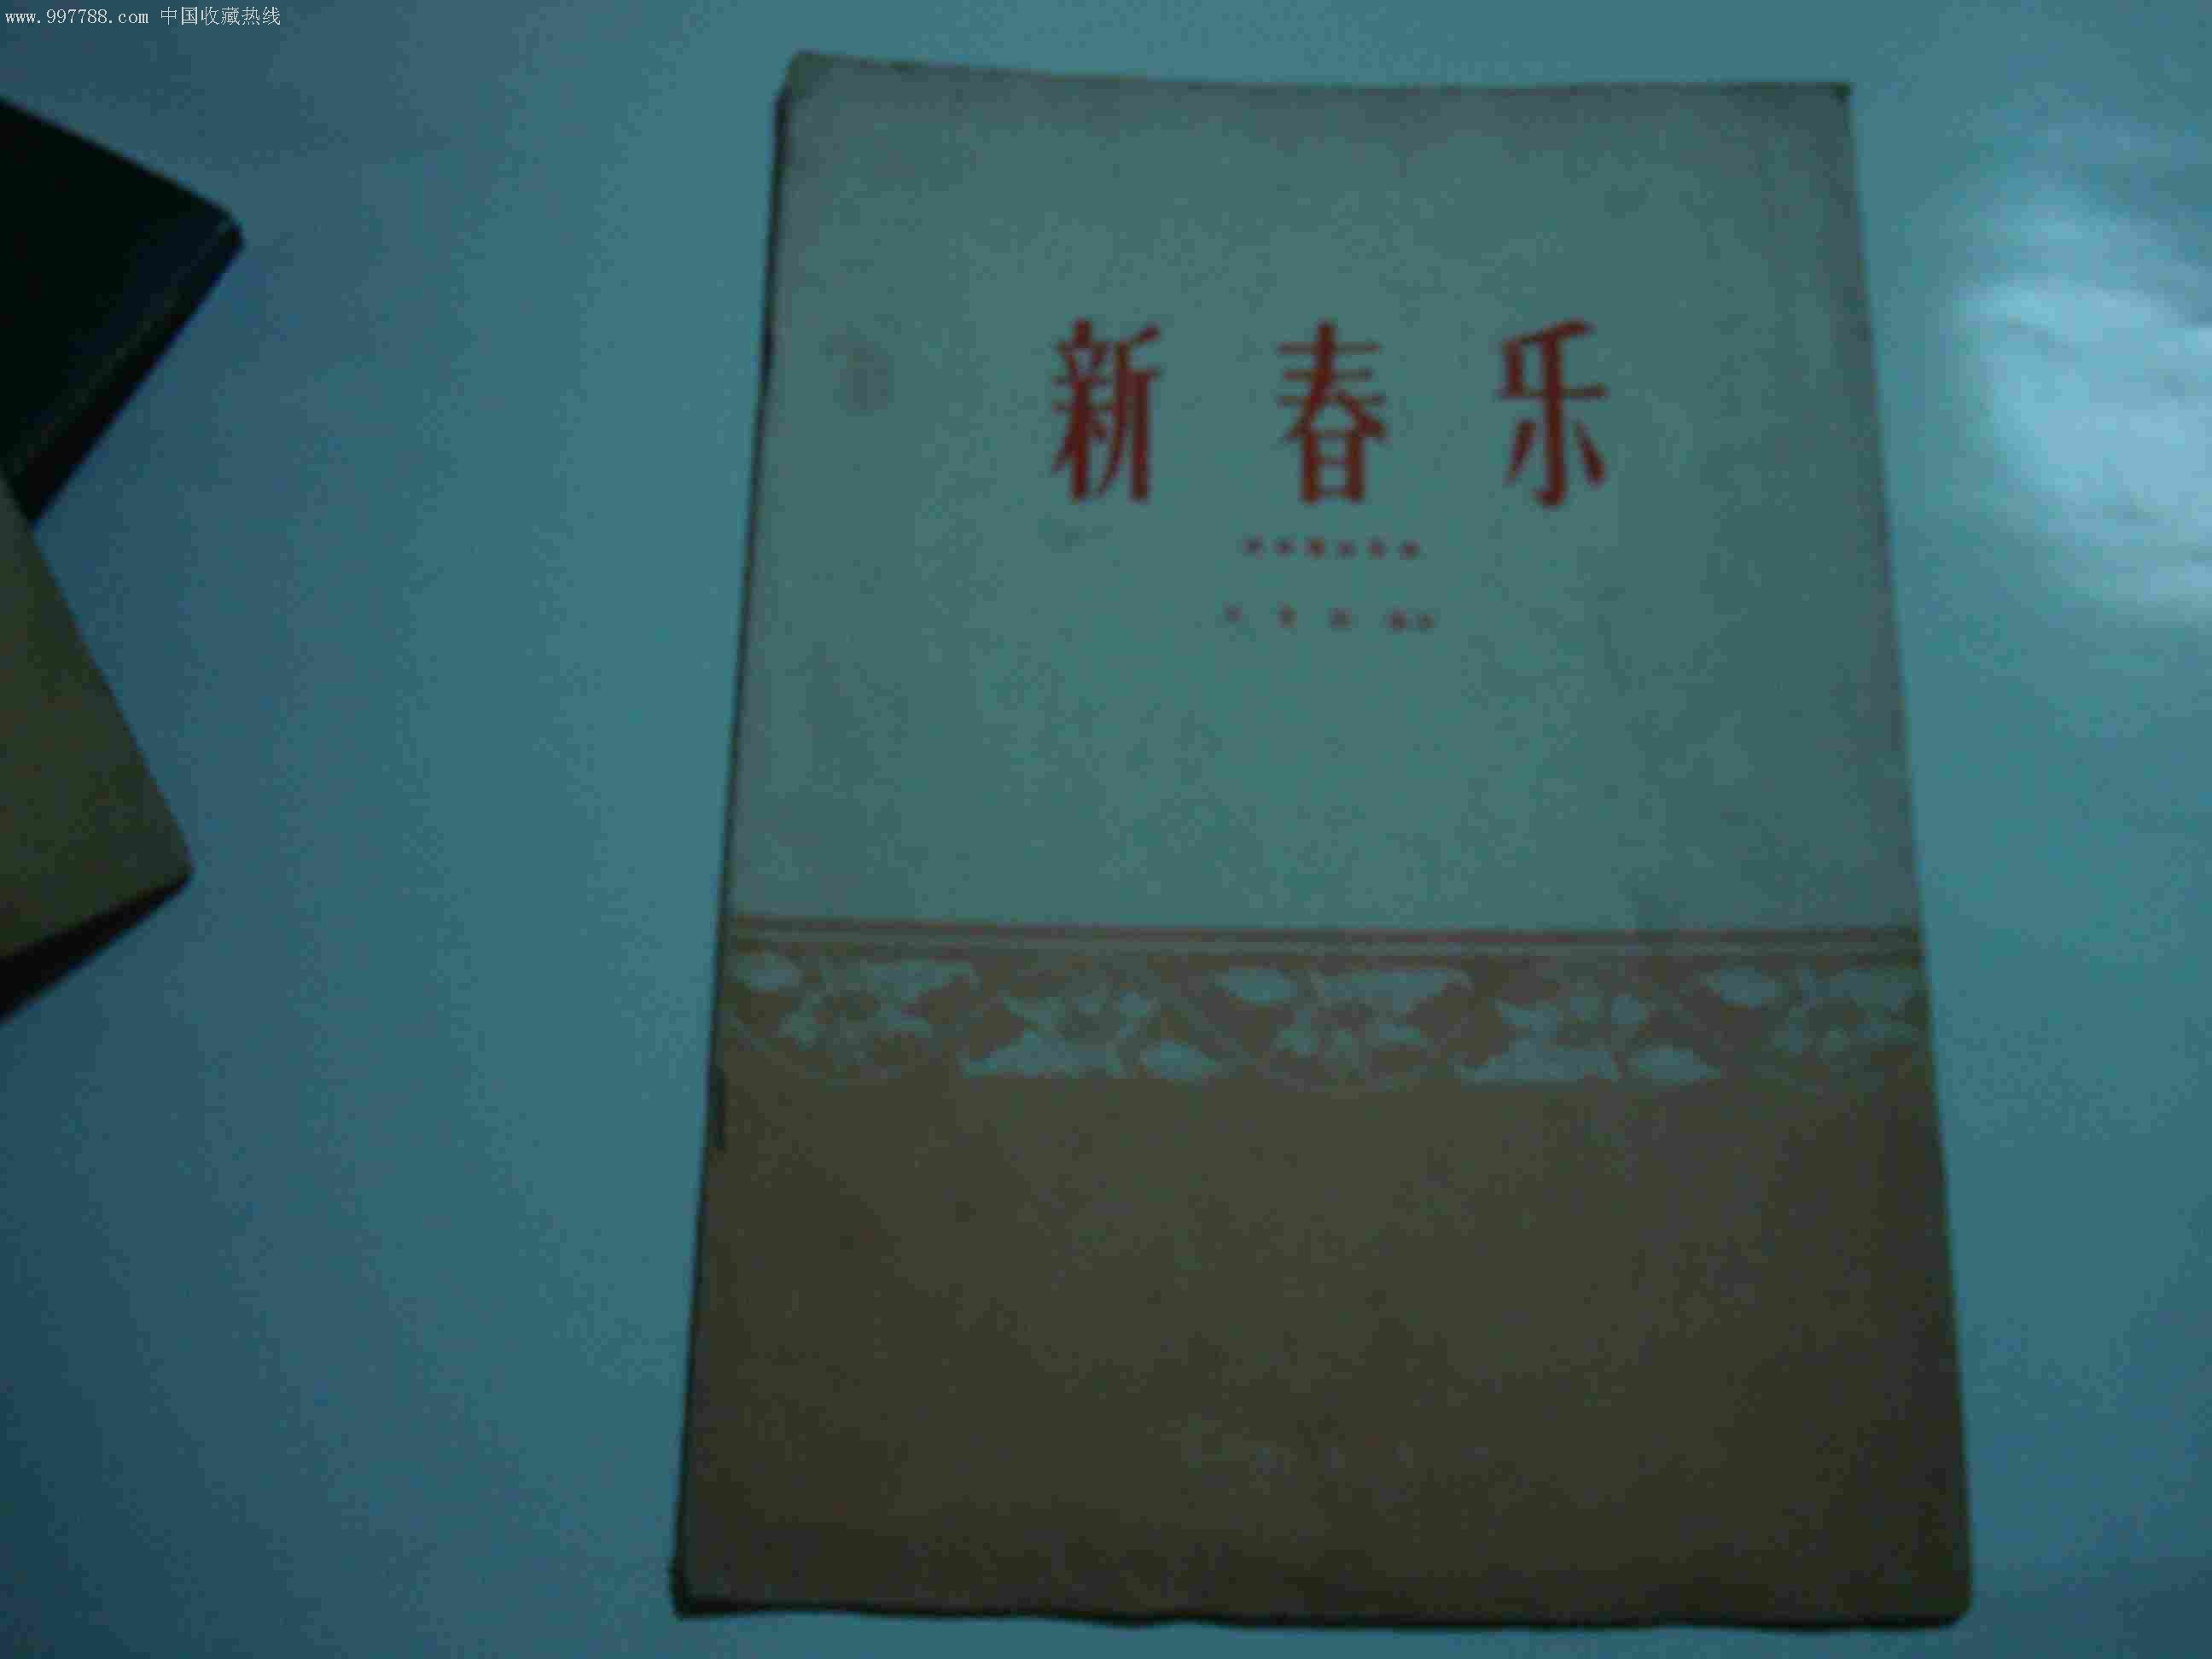 新春乐(民族管弦乐曲)